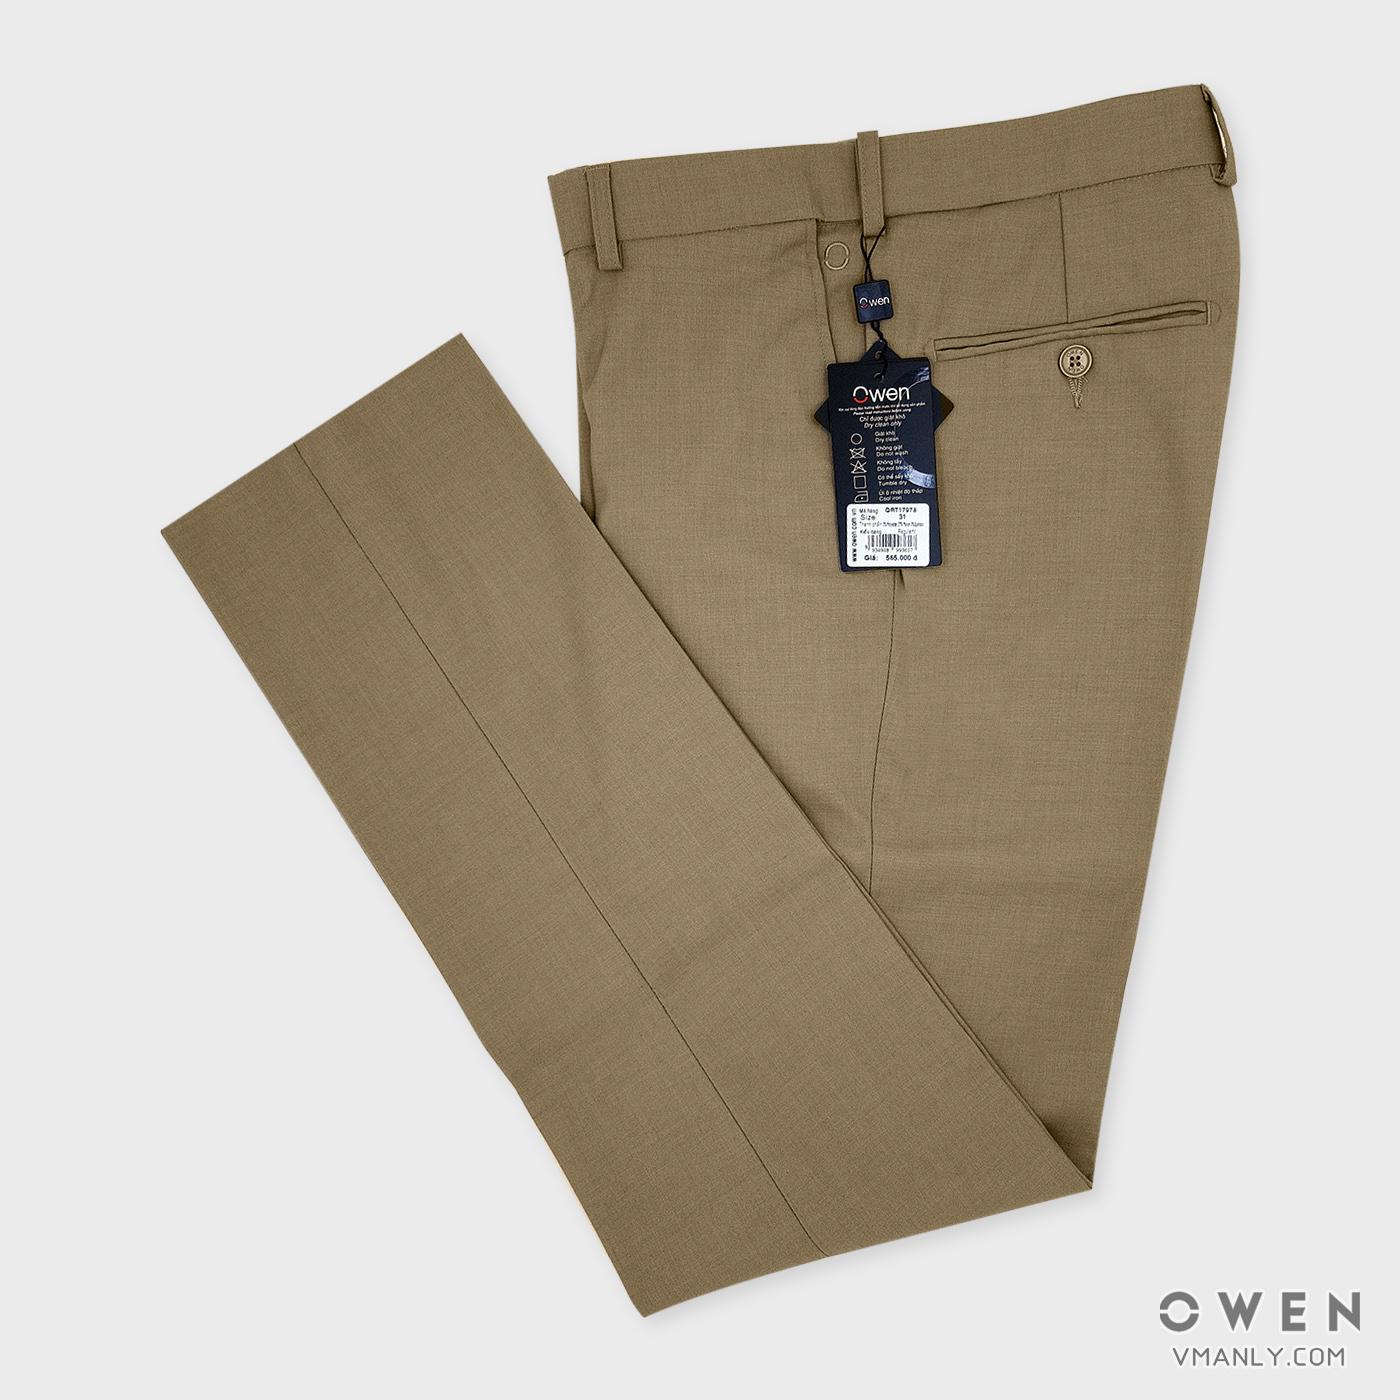 Quần tây Owen không li regular-fit màu be QRT17978